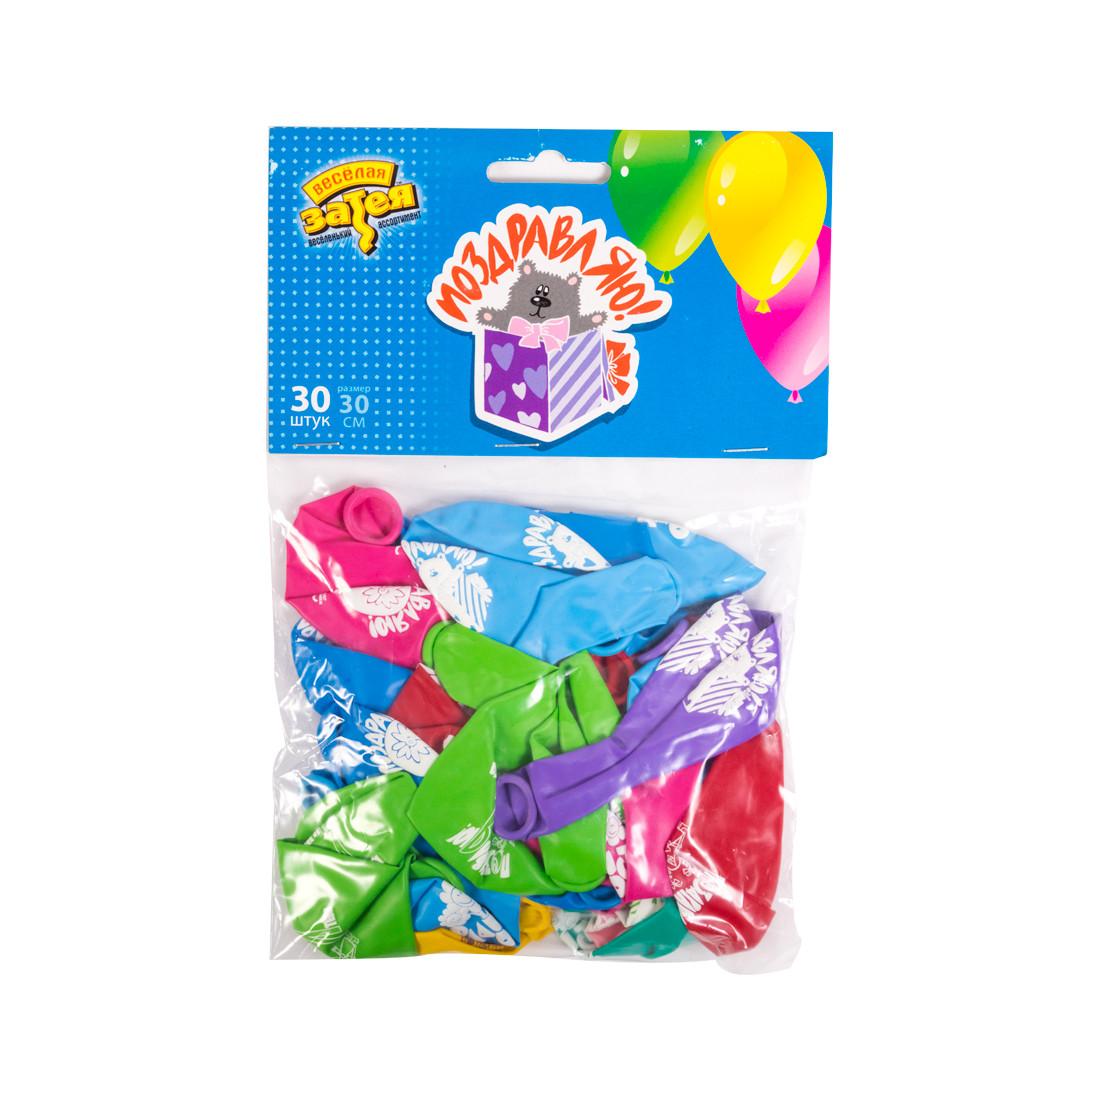 Воздушные шарики ВЕСЁЛАЯ ЗАТЕЯ, 1111-0033 (1111-0835), Поздравления, (30 шт. в пакете), размер 30см - фото 3